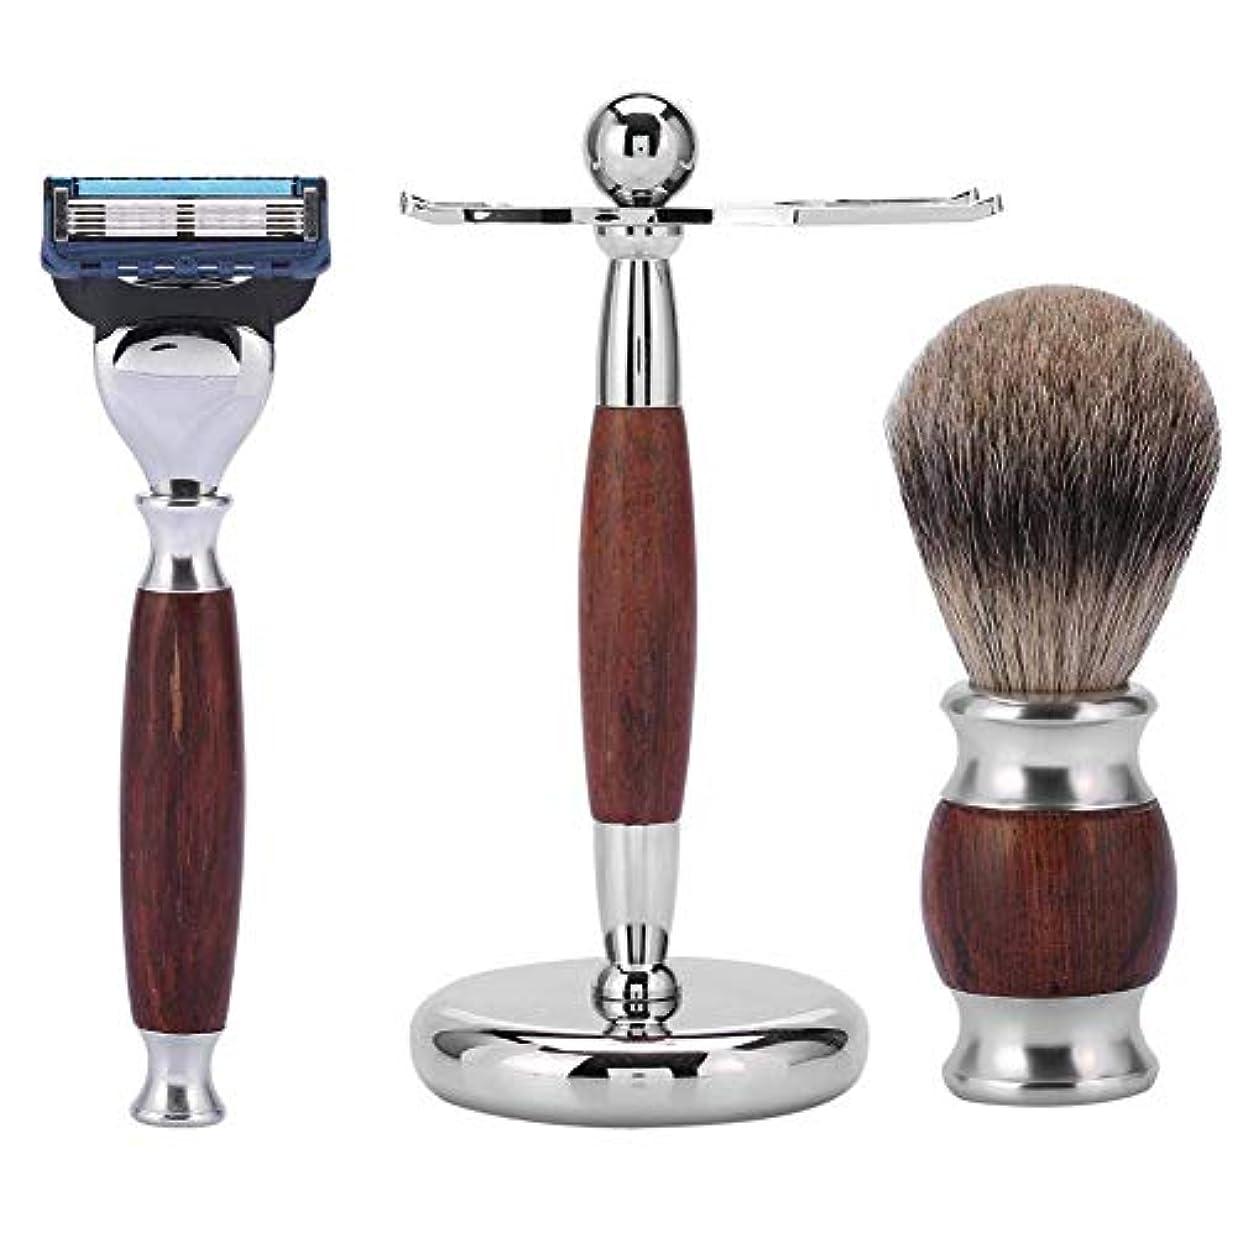 特異な通り抜ける刺しますQiilu メンズひげ剃りセット カミソリ シェービング用品 木製ハンドルカミソリ シェービングブラシ シェービングスタンド シェービングボウル 携帯便利 旅行 海外 普段用